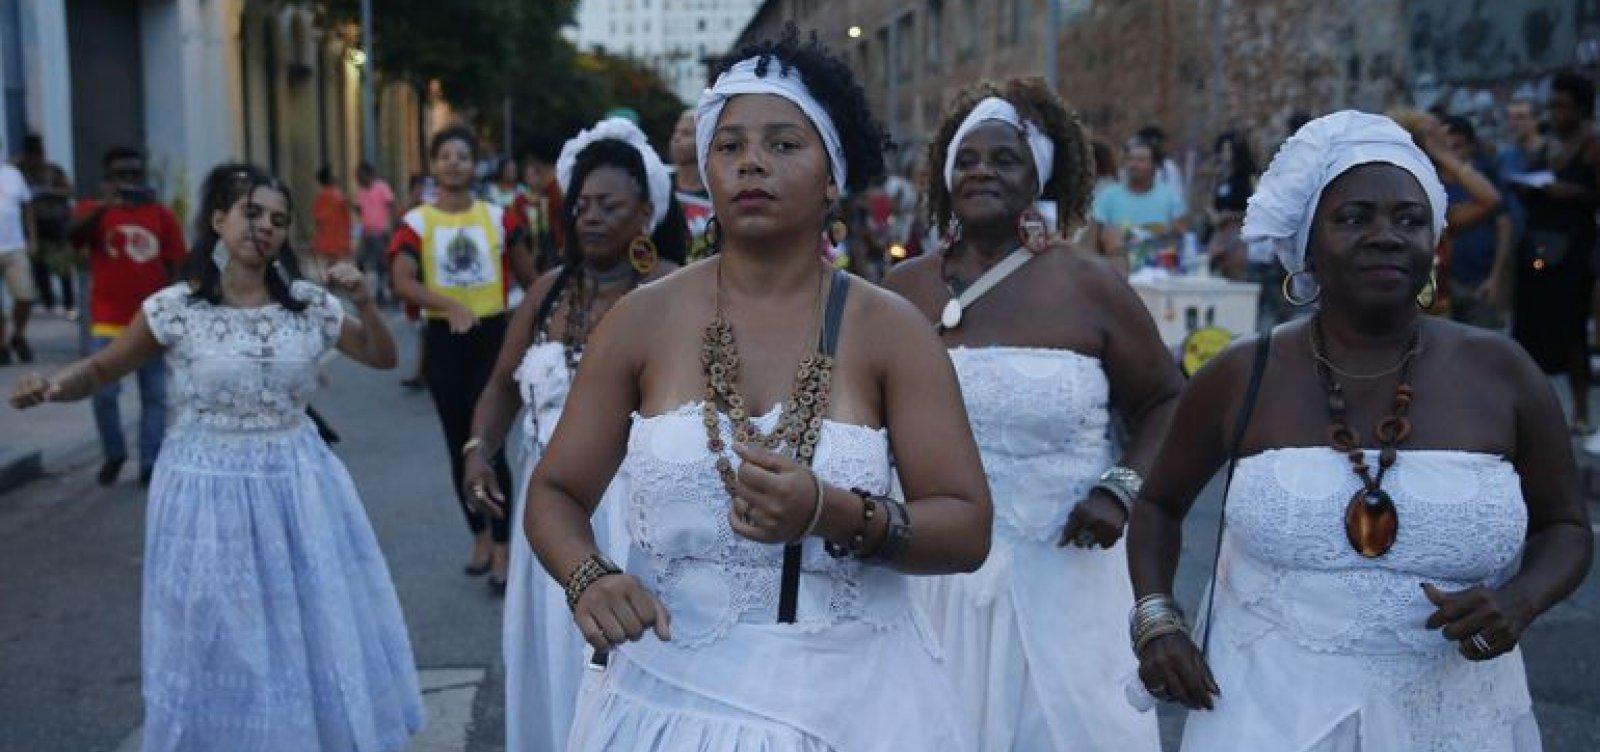 [Pesquisa aponta que, para 61% dos brasileiros, Brasil é um país racista]